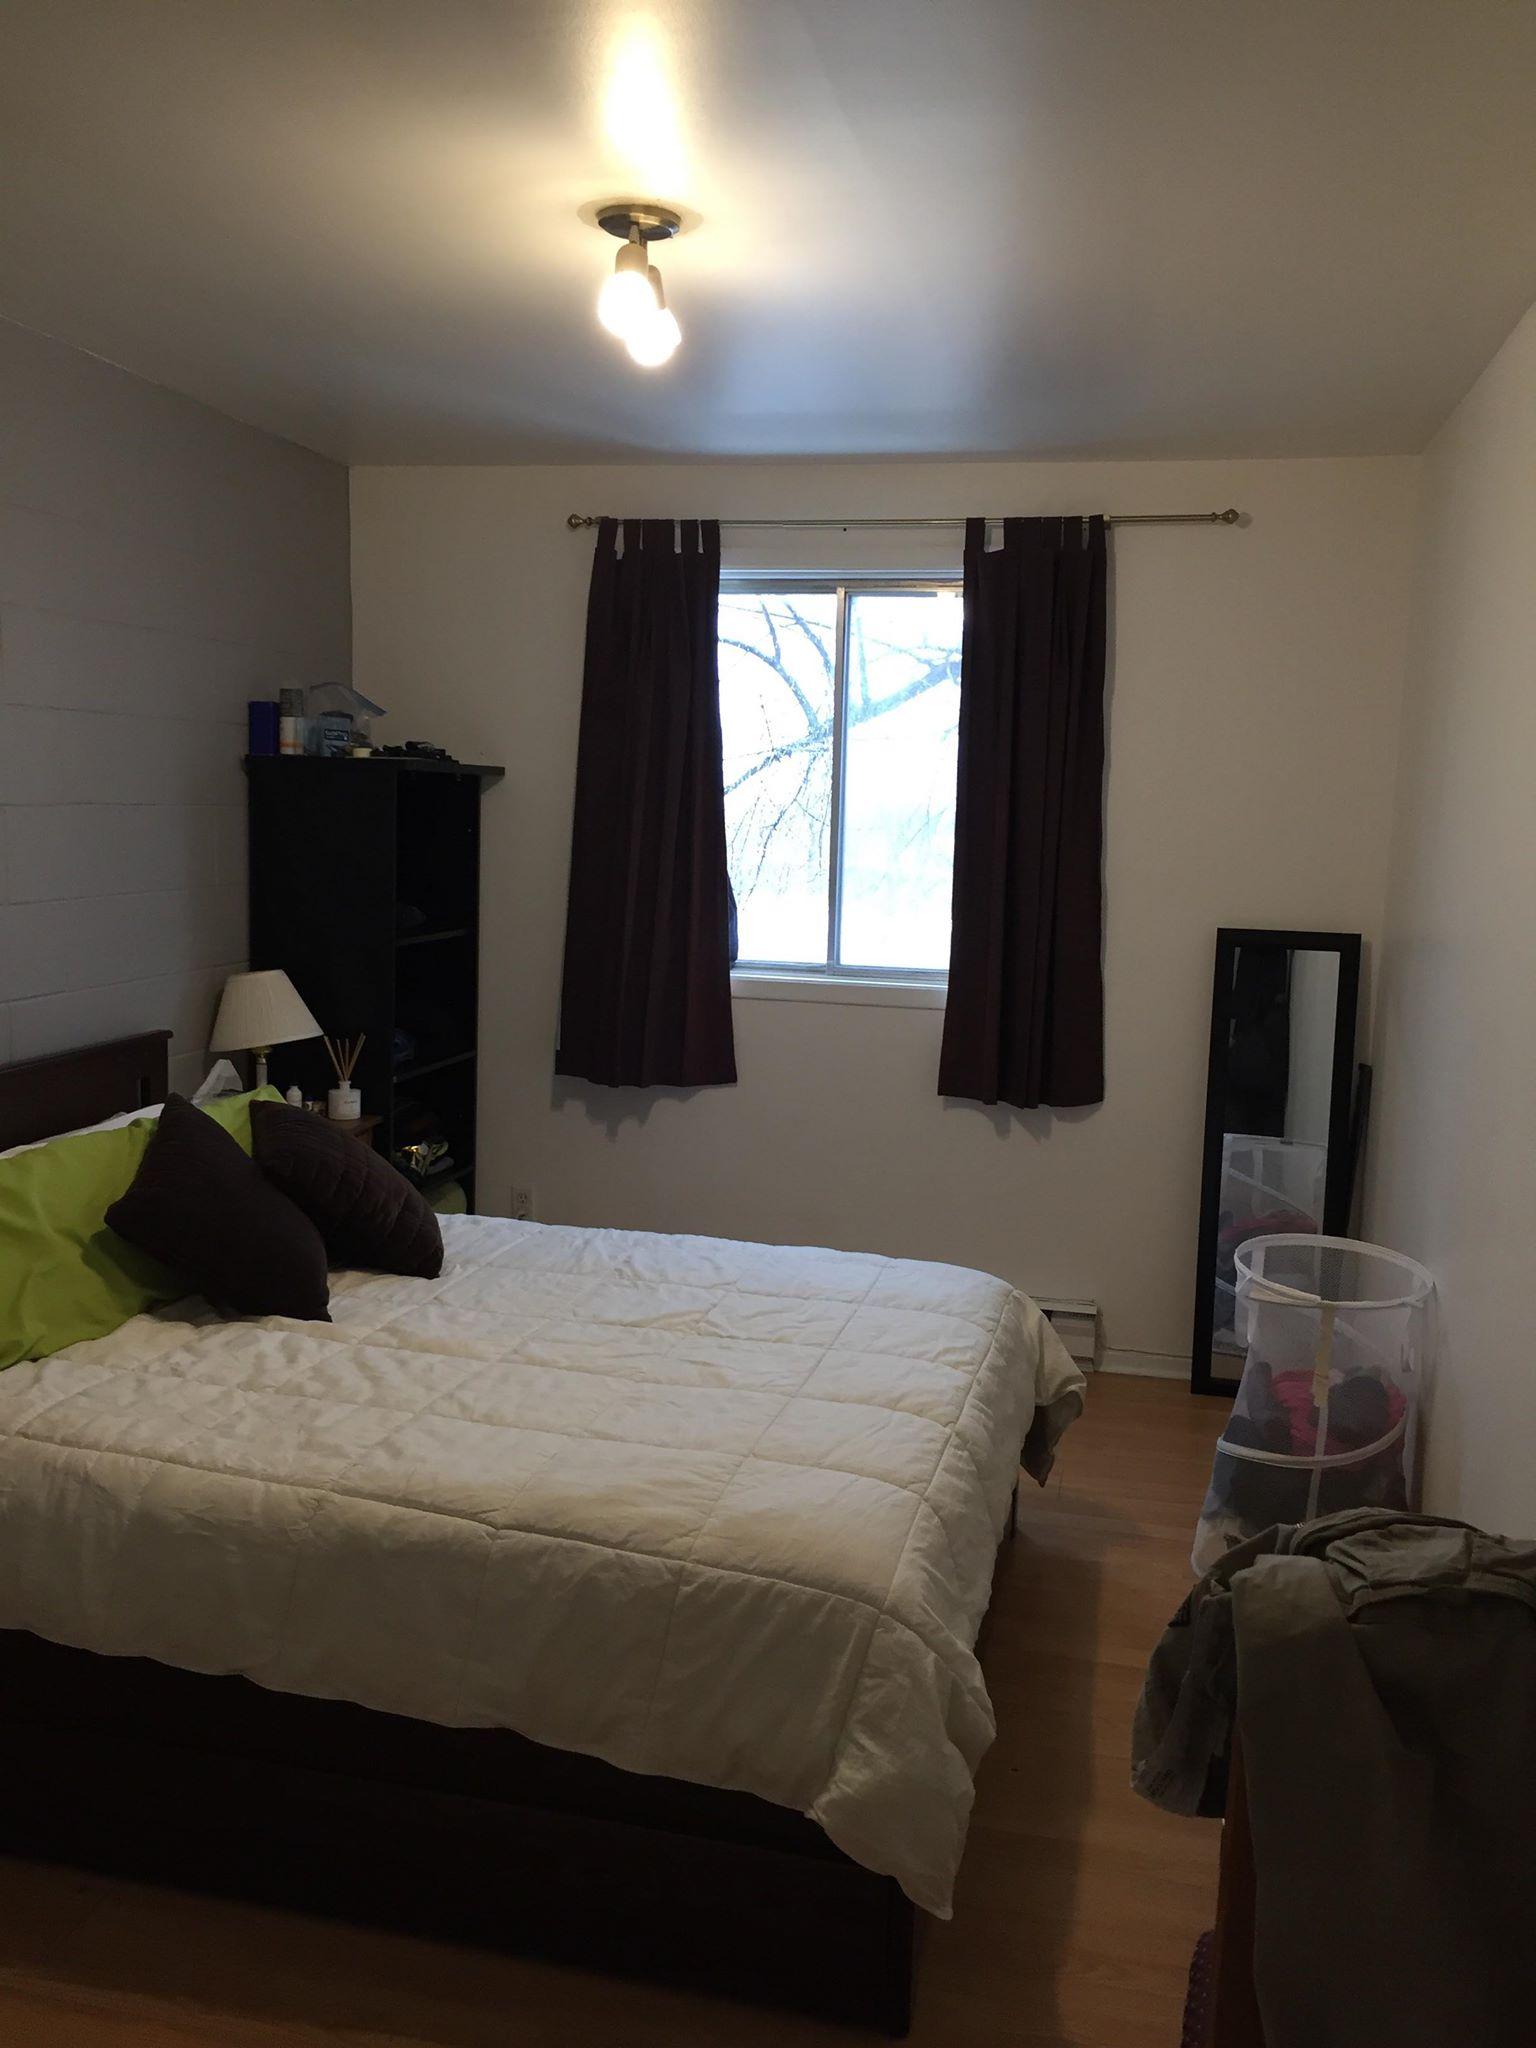 2371, Nicolas-Pinel #301, Québec G1V 4H9